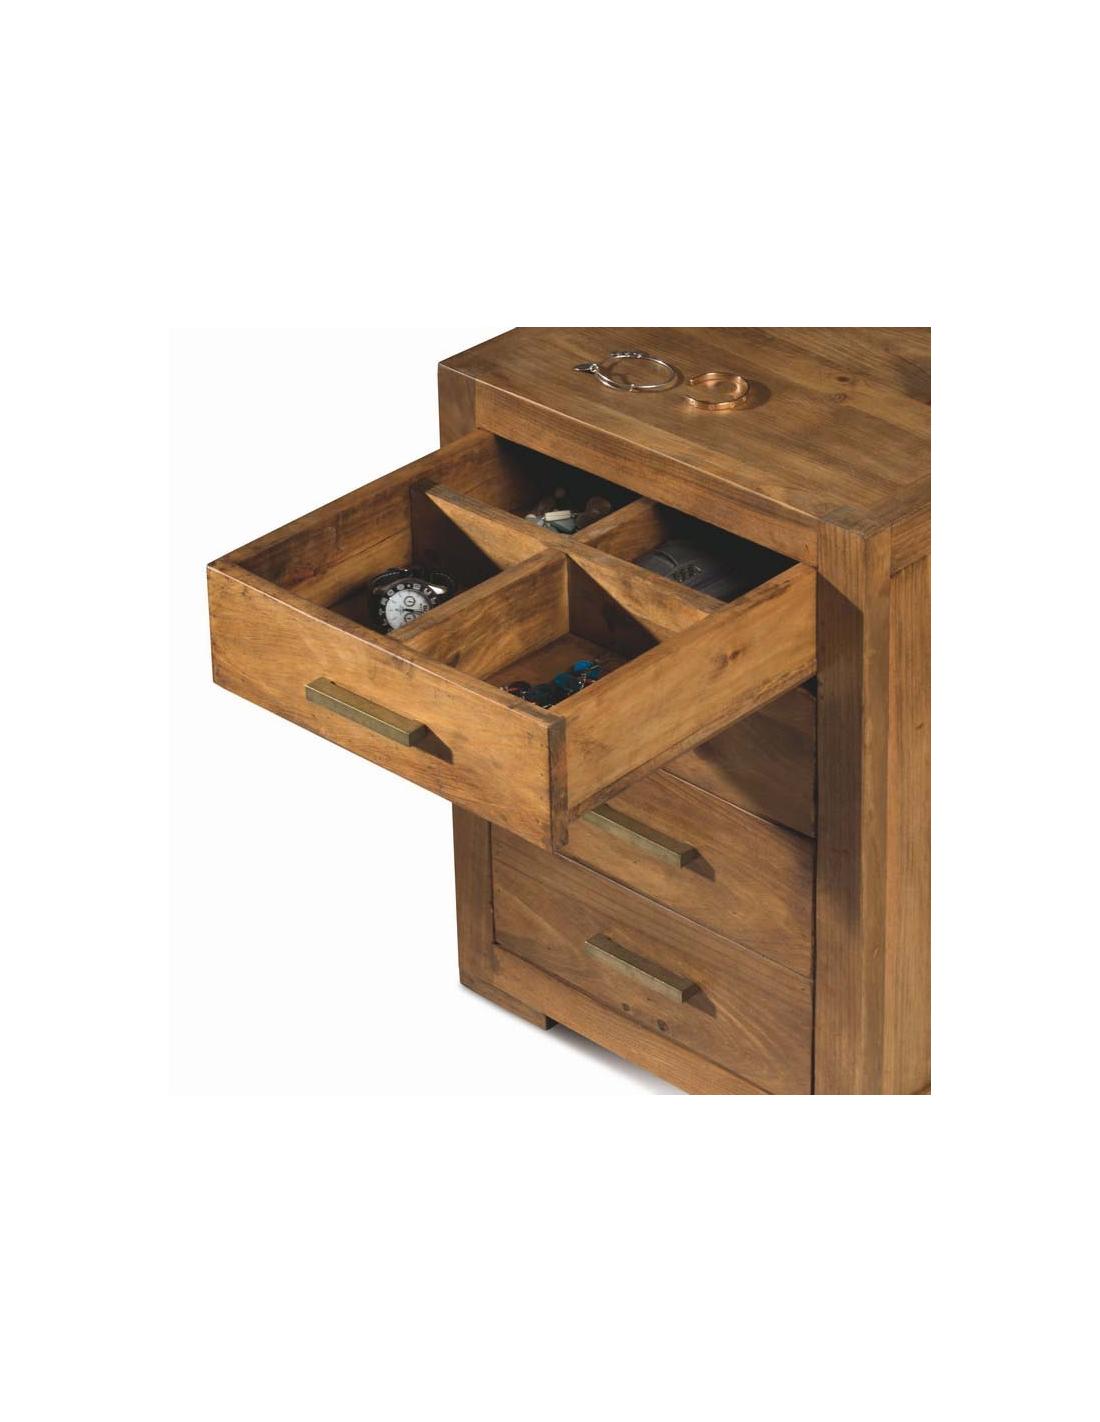 Comprar mesita noche rustica madera modular studio 40115 - Mesitas de noche rusticas ...